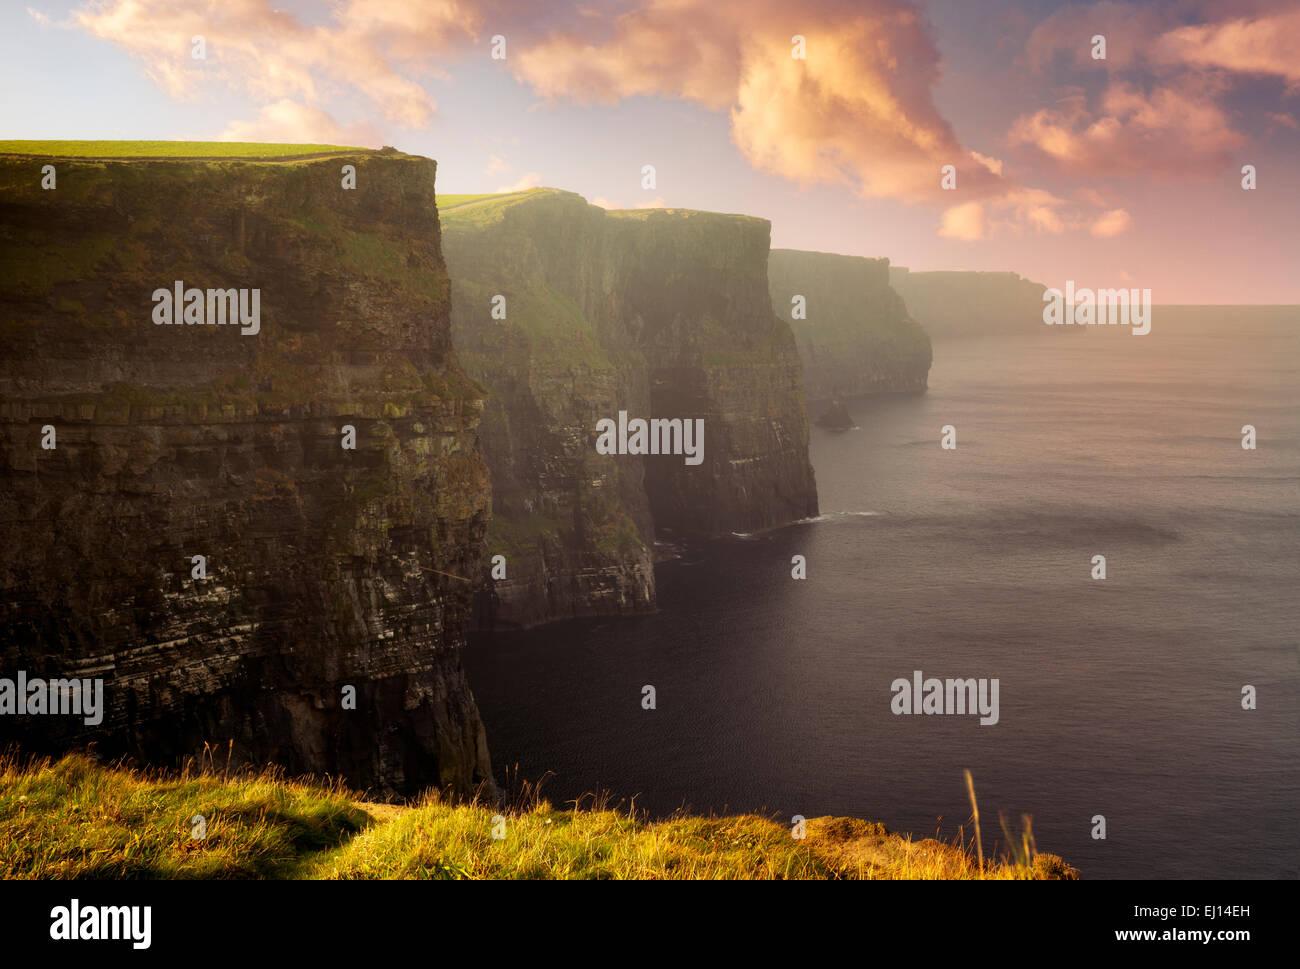 Los Acantilados de Moher en el amanecer. Irlanda Foto de stock